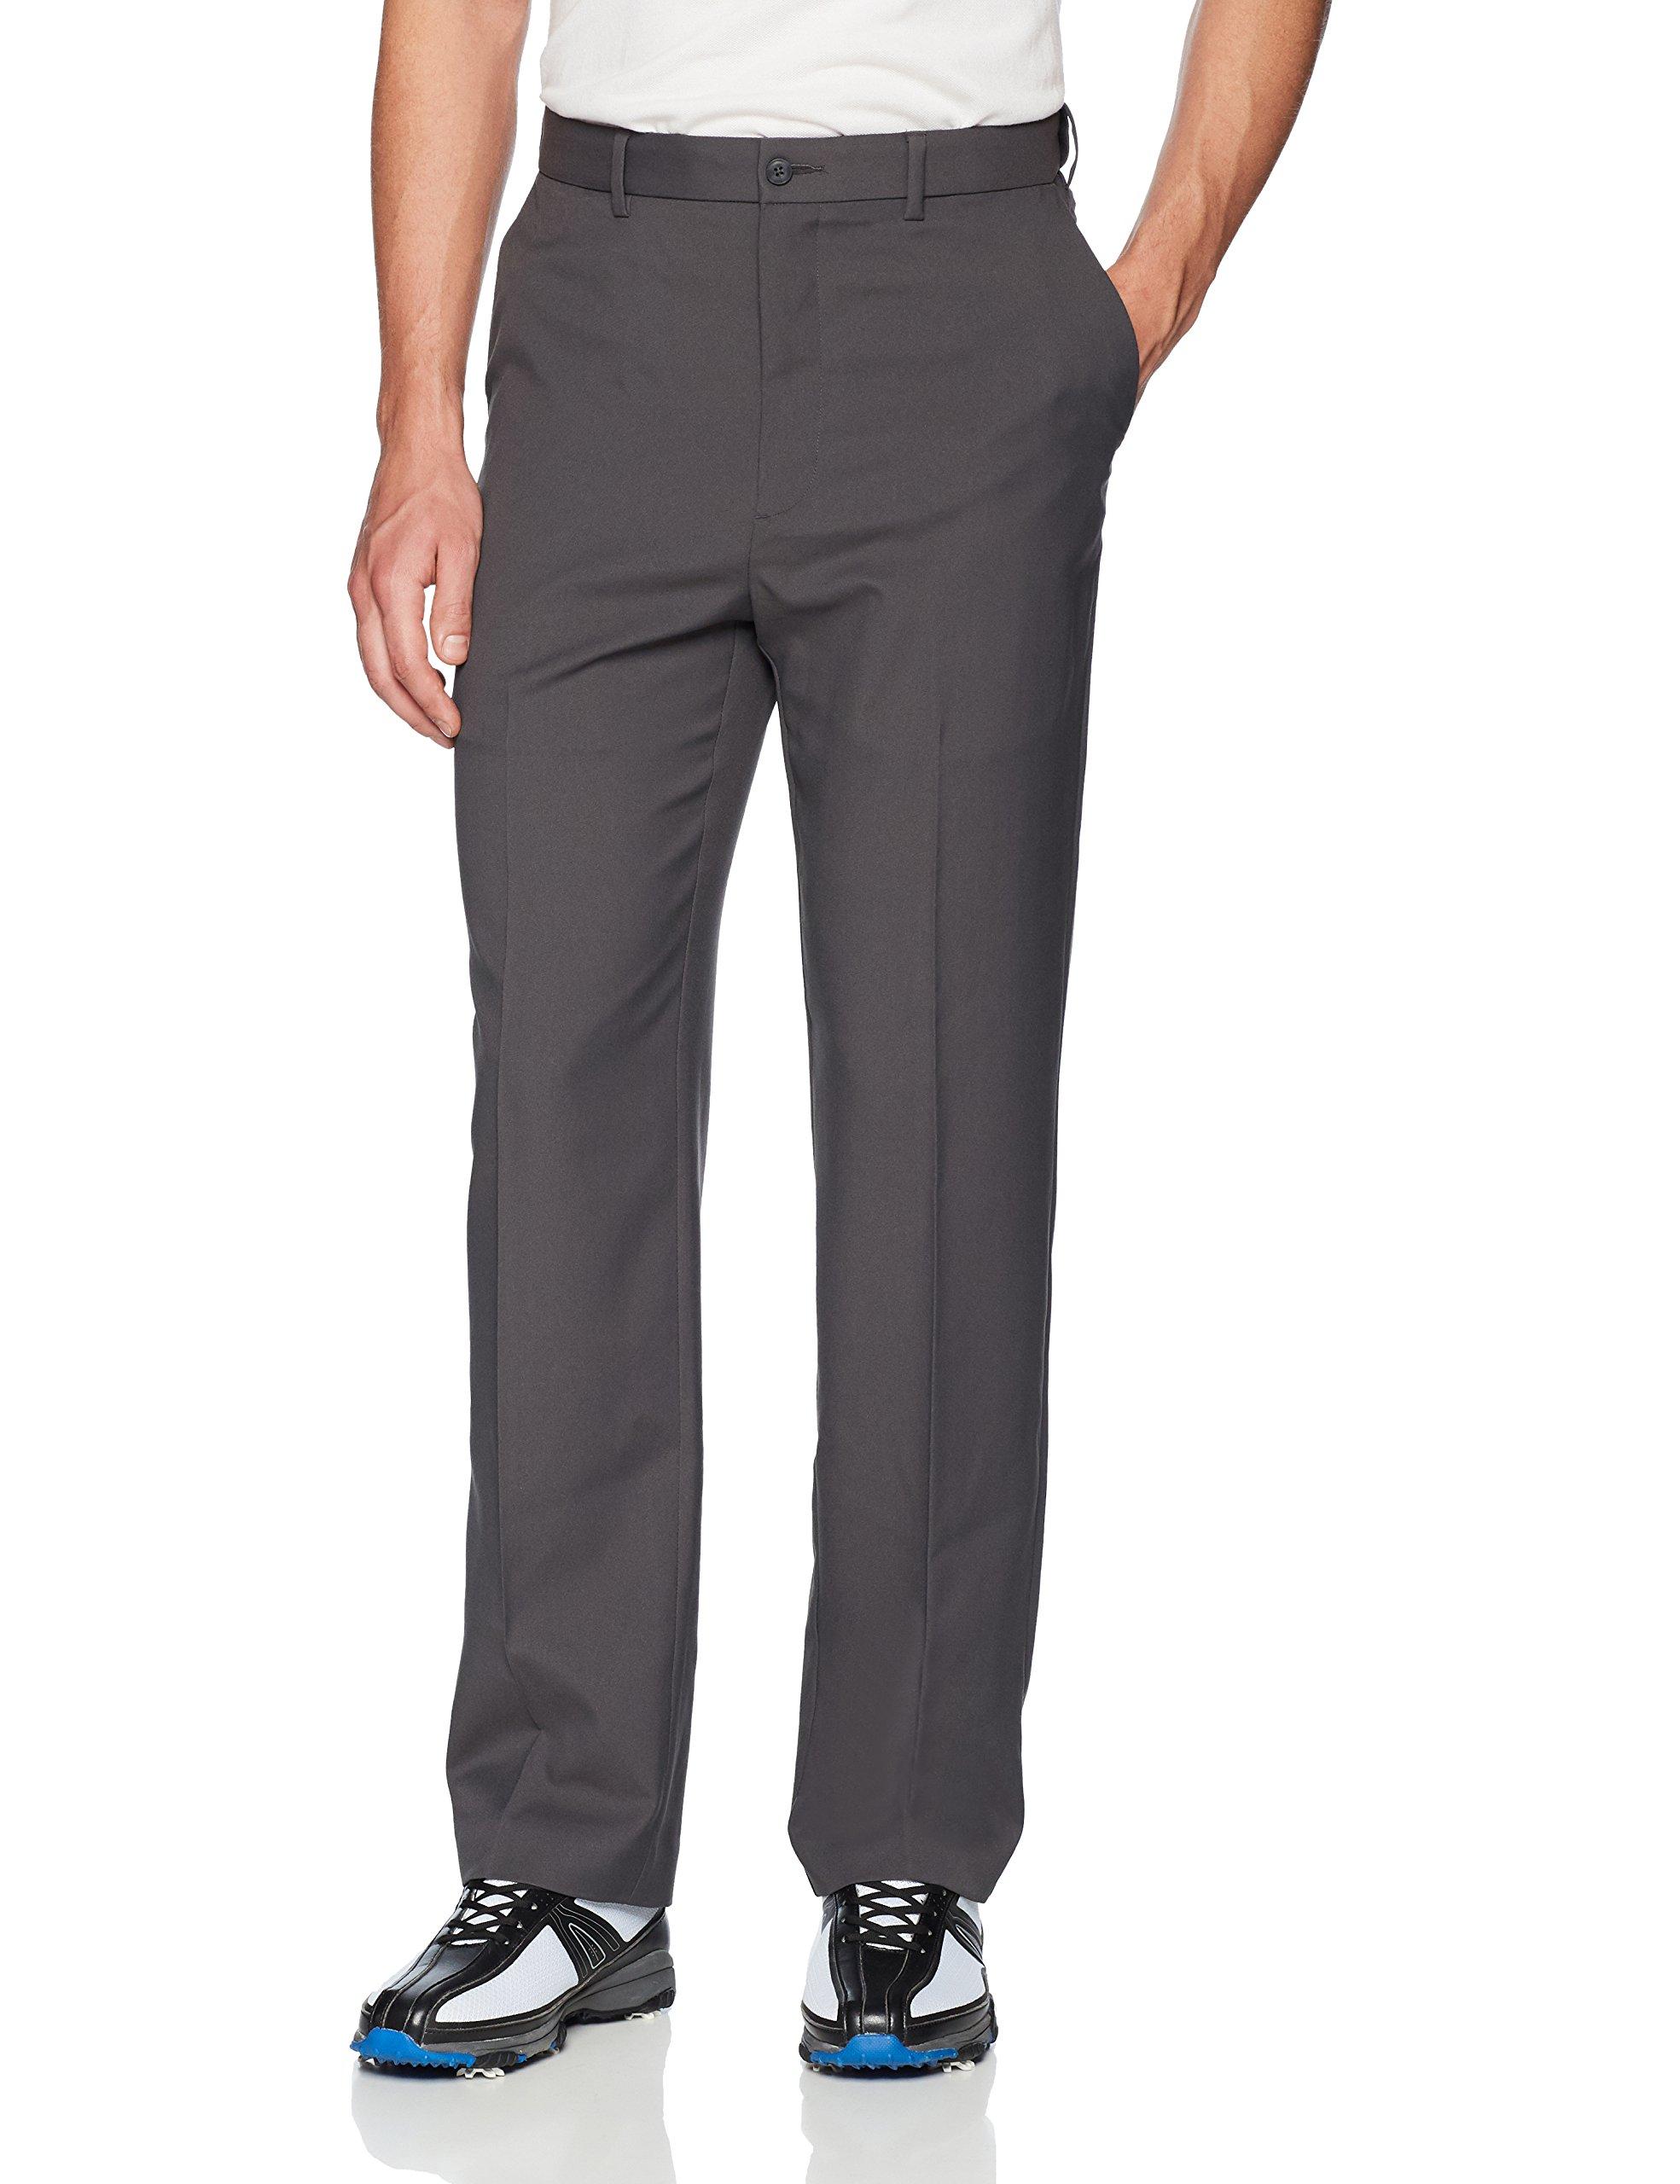 PGA TOUR Men's Flat Front Golf Pant with Expandable Waistband, Asphalt, 42W x 30L by PGA TOUR